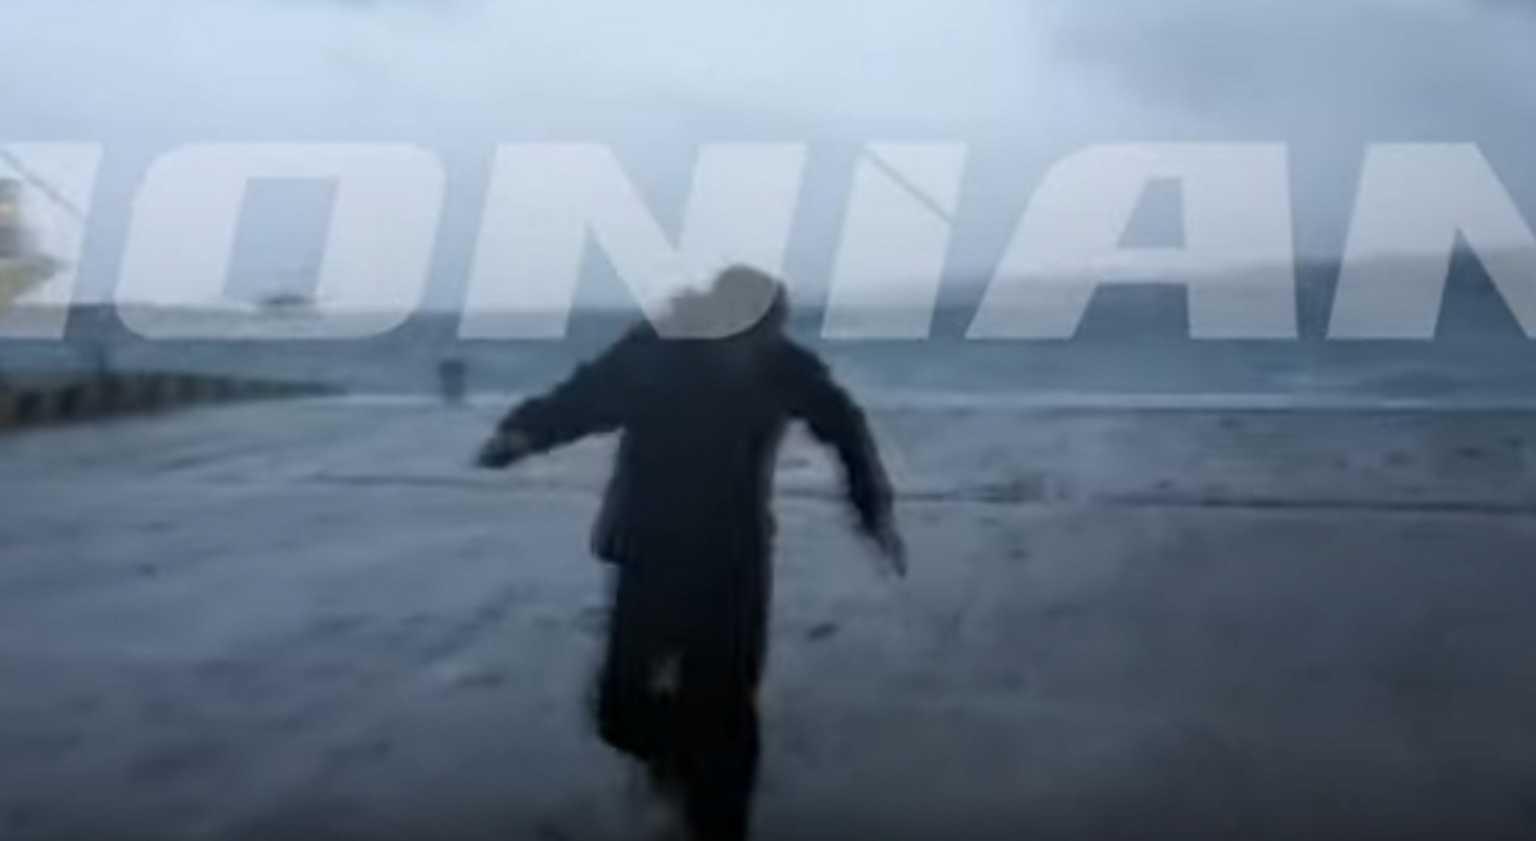 Ιανός: Ρεπόρτερ  παρασύρθηκε από άνεμο 12 μποφόρ (βίντεο)